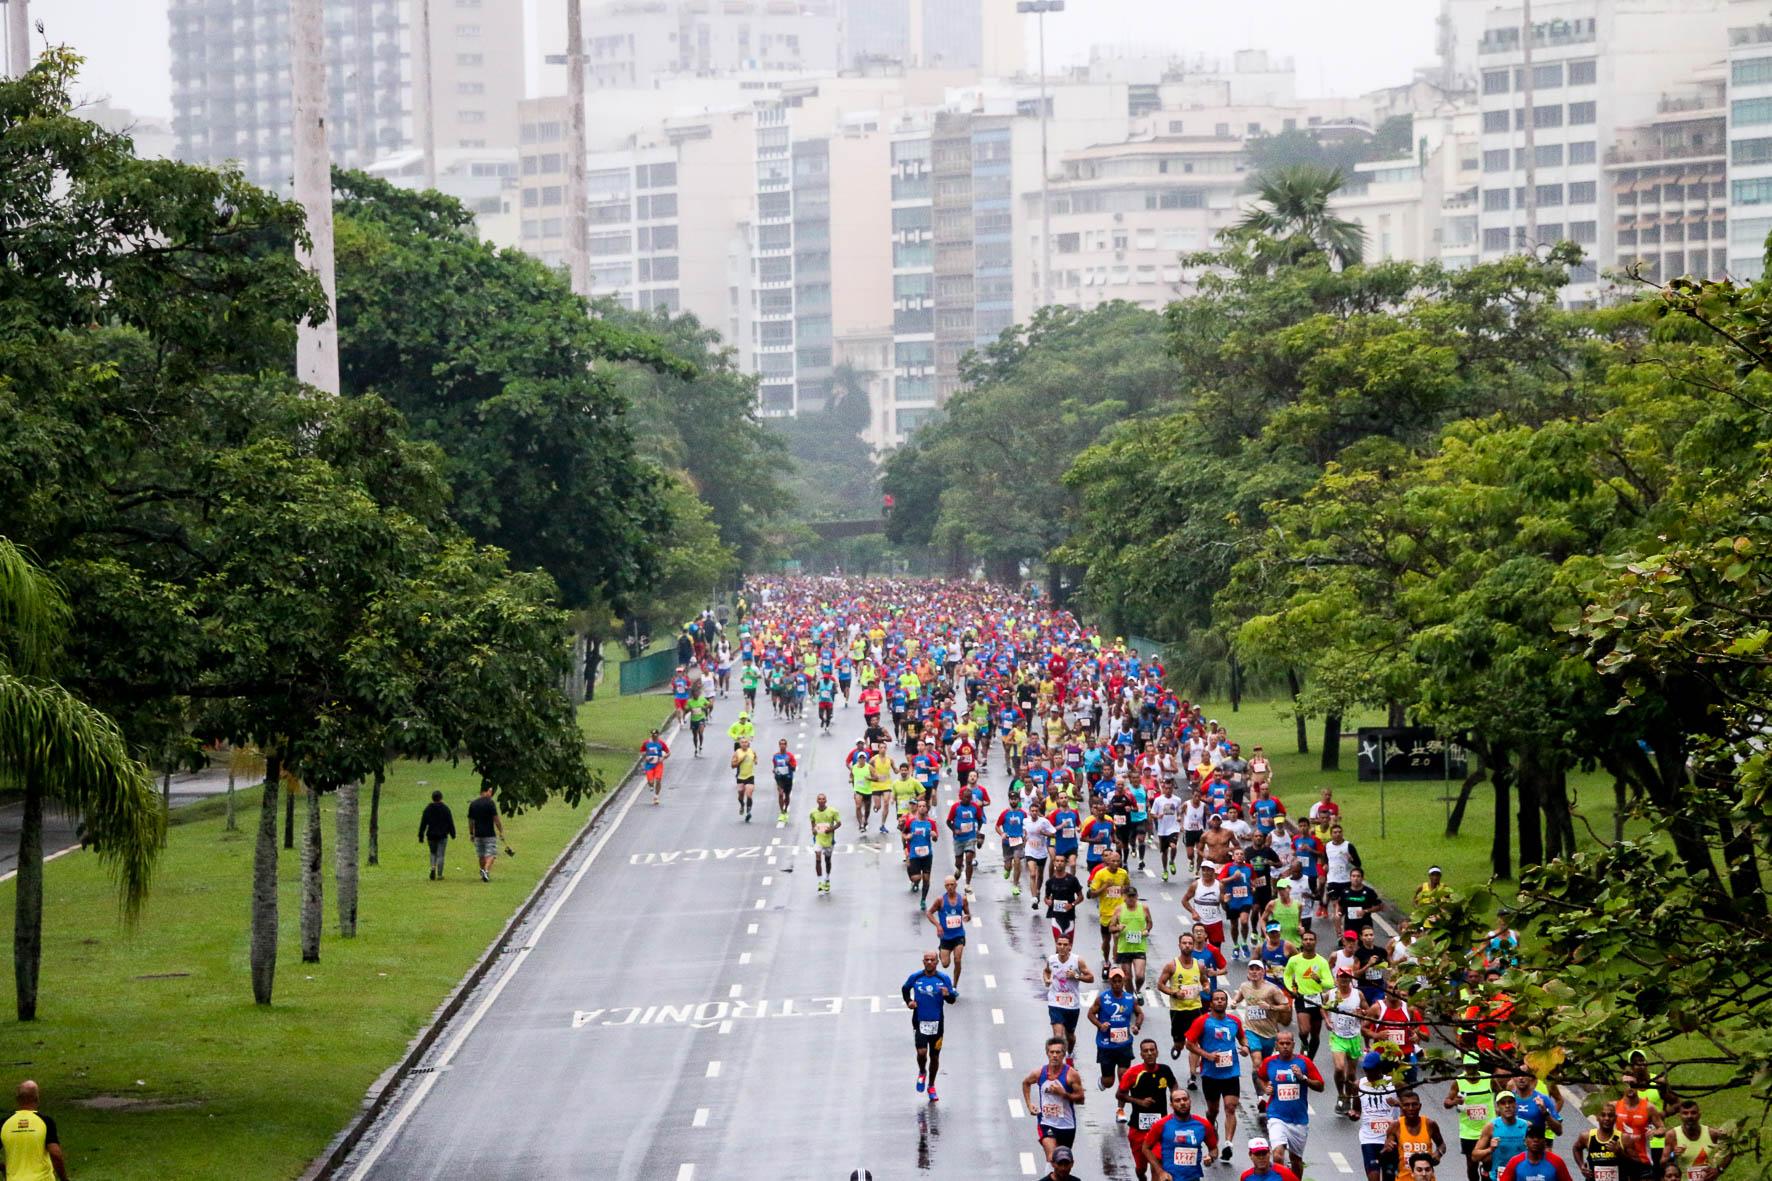 corrida_foto-claudio-toros%ef%80%a2divulgacao